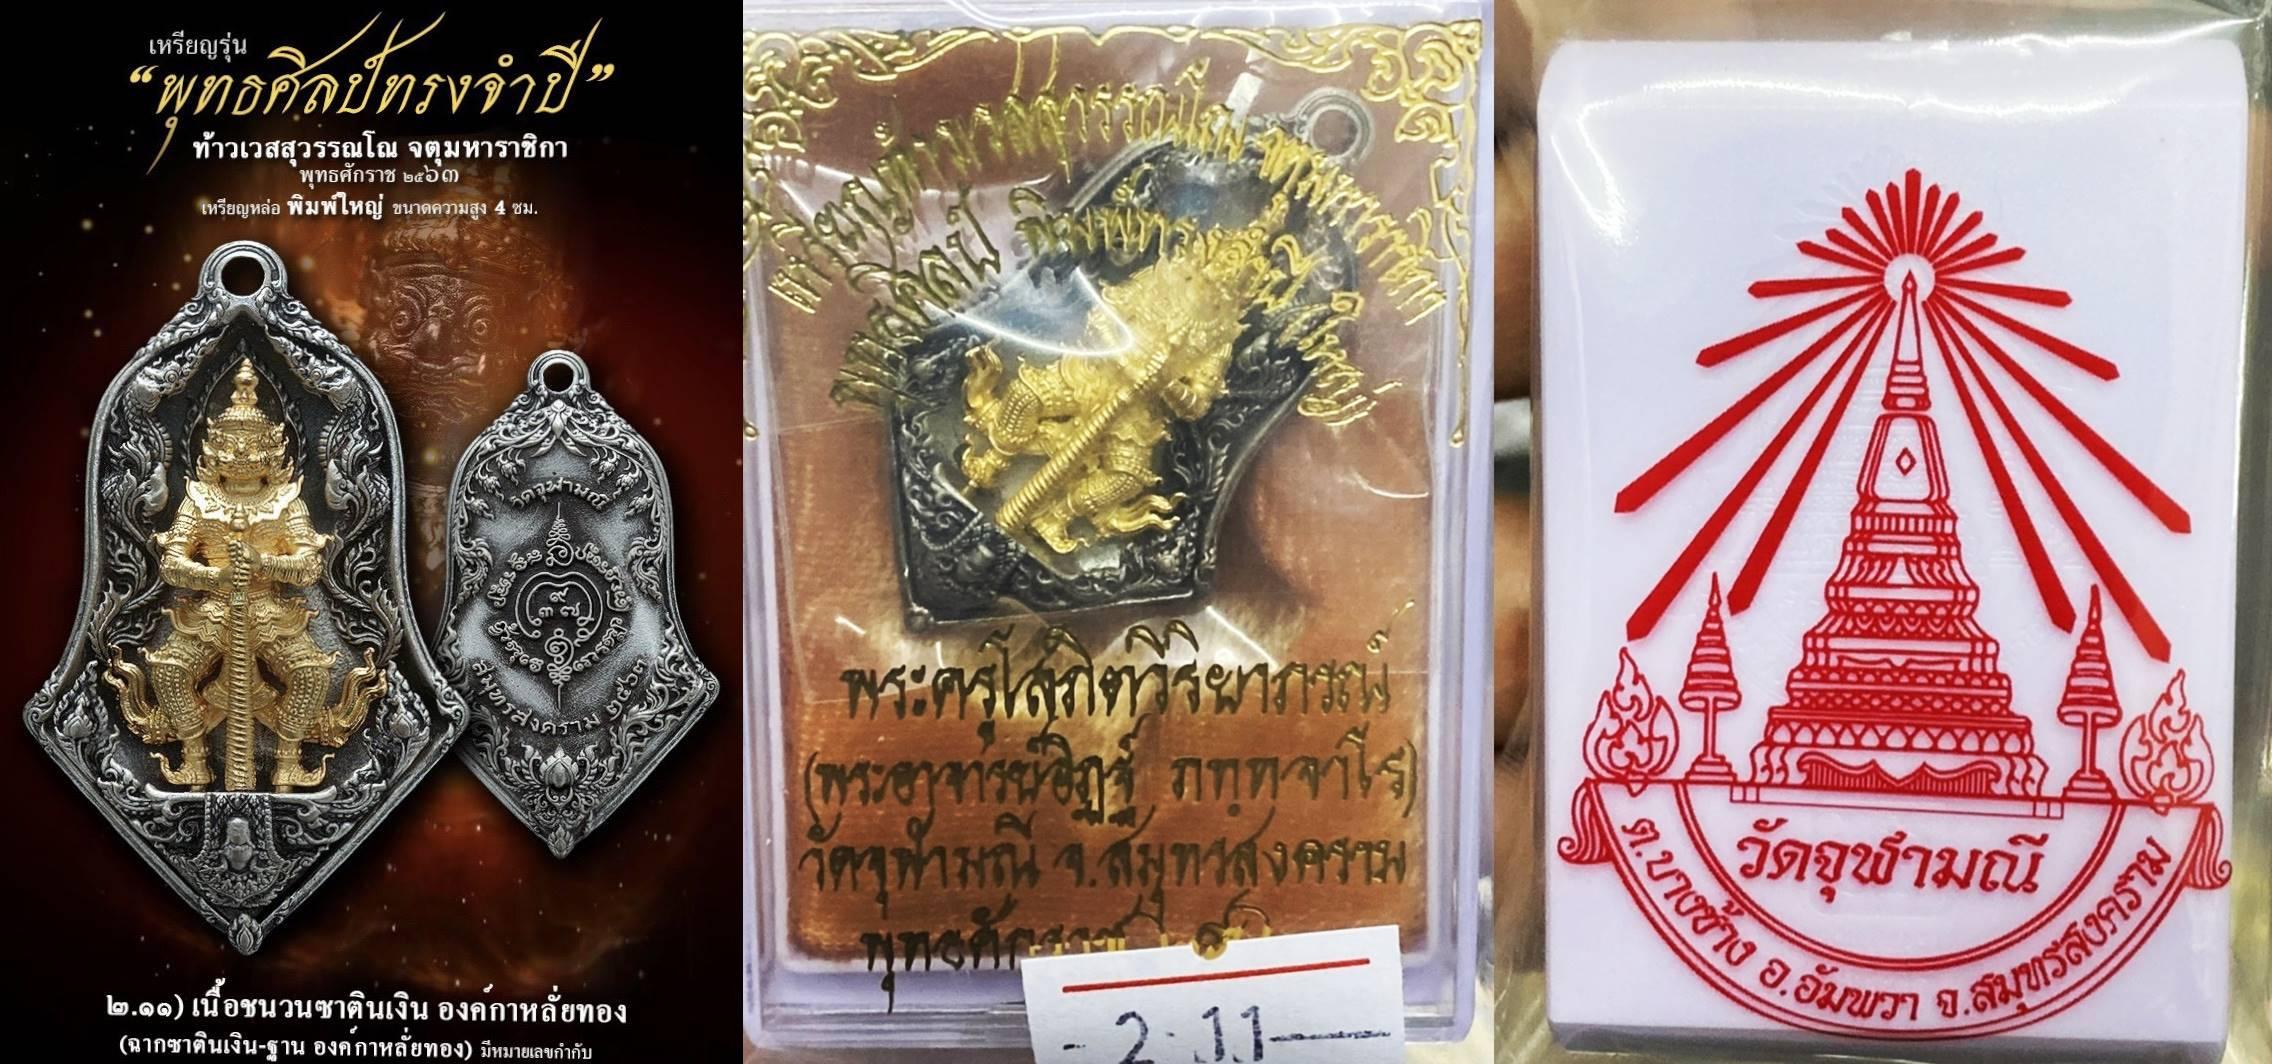 เหรียญหล่อท้าวเวสสุวรรณ รุ่นพุทธศิลป์ทรงจำปี เนื้อชนวนซาตินเงินกะหั่ยทอง หลวงพ่ออิฏฐ์ วัดจุฬามณี2563